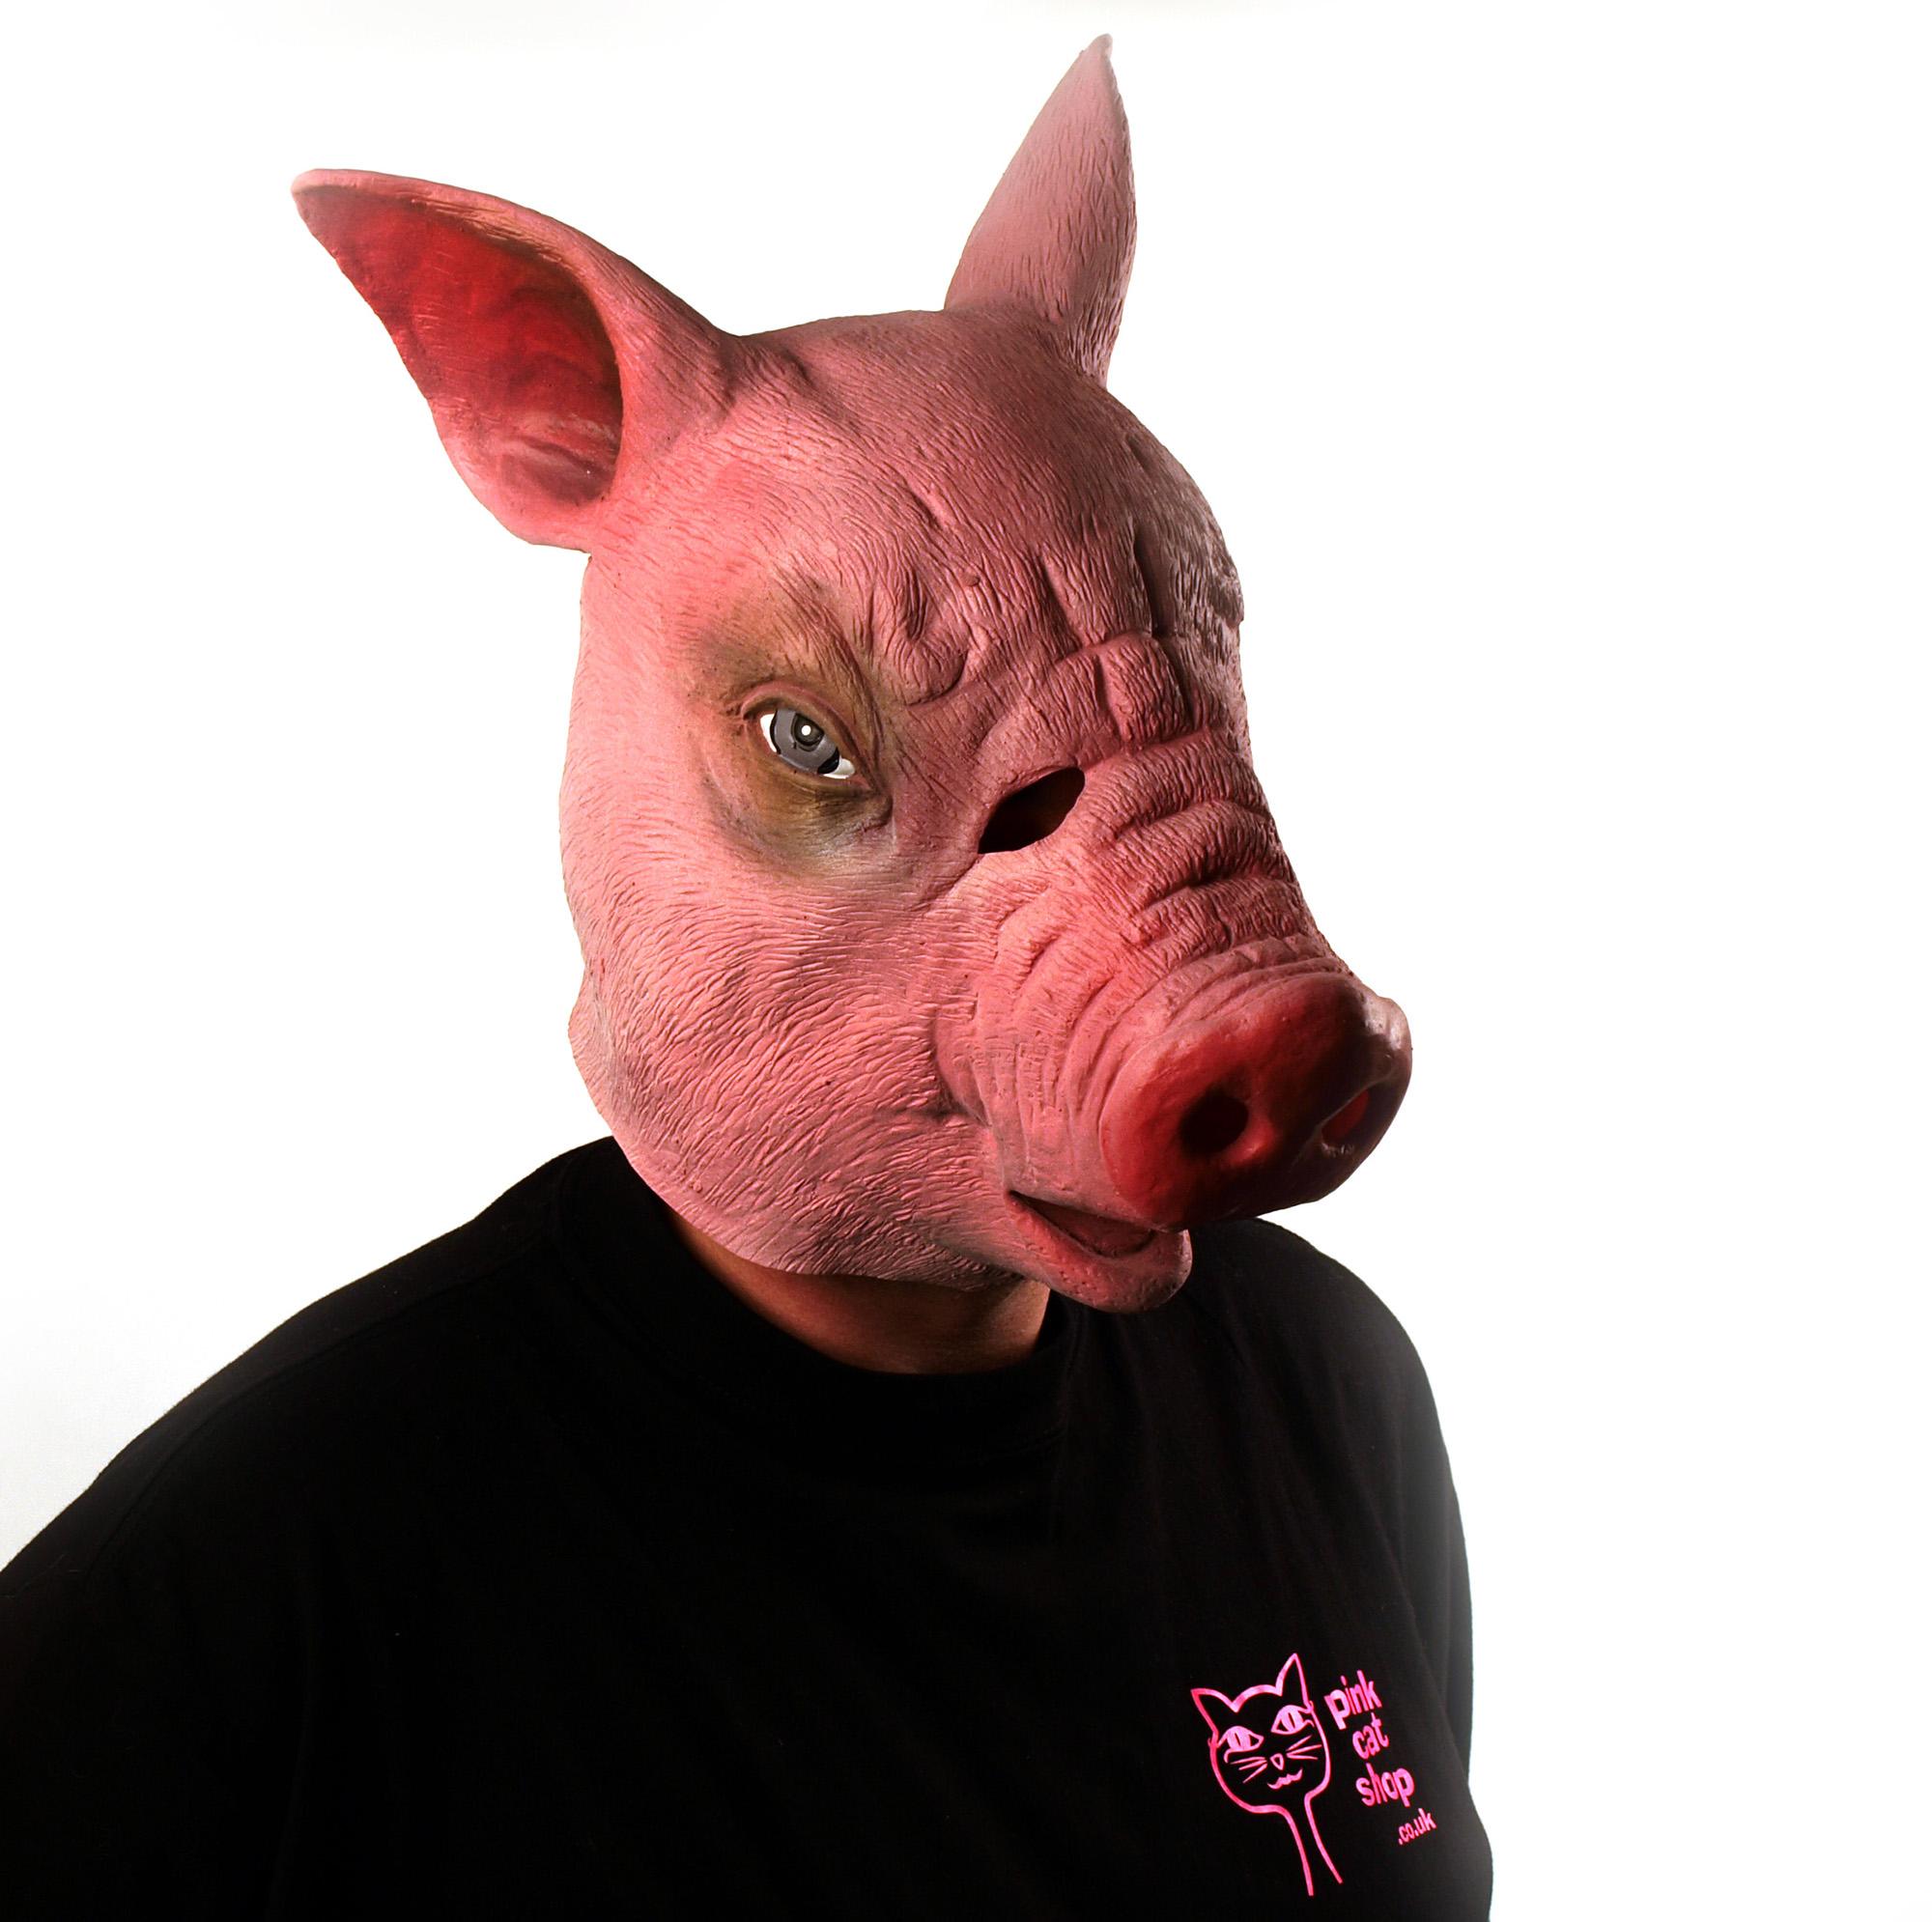 masque cochon en vente eBay